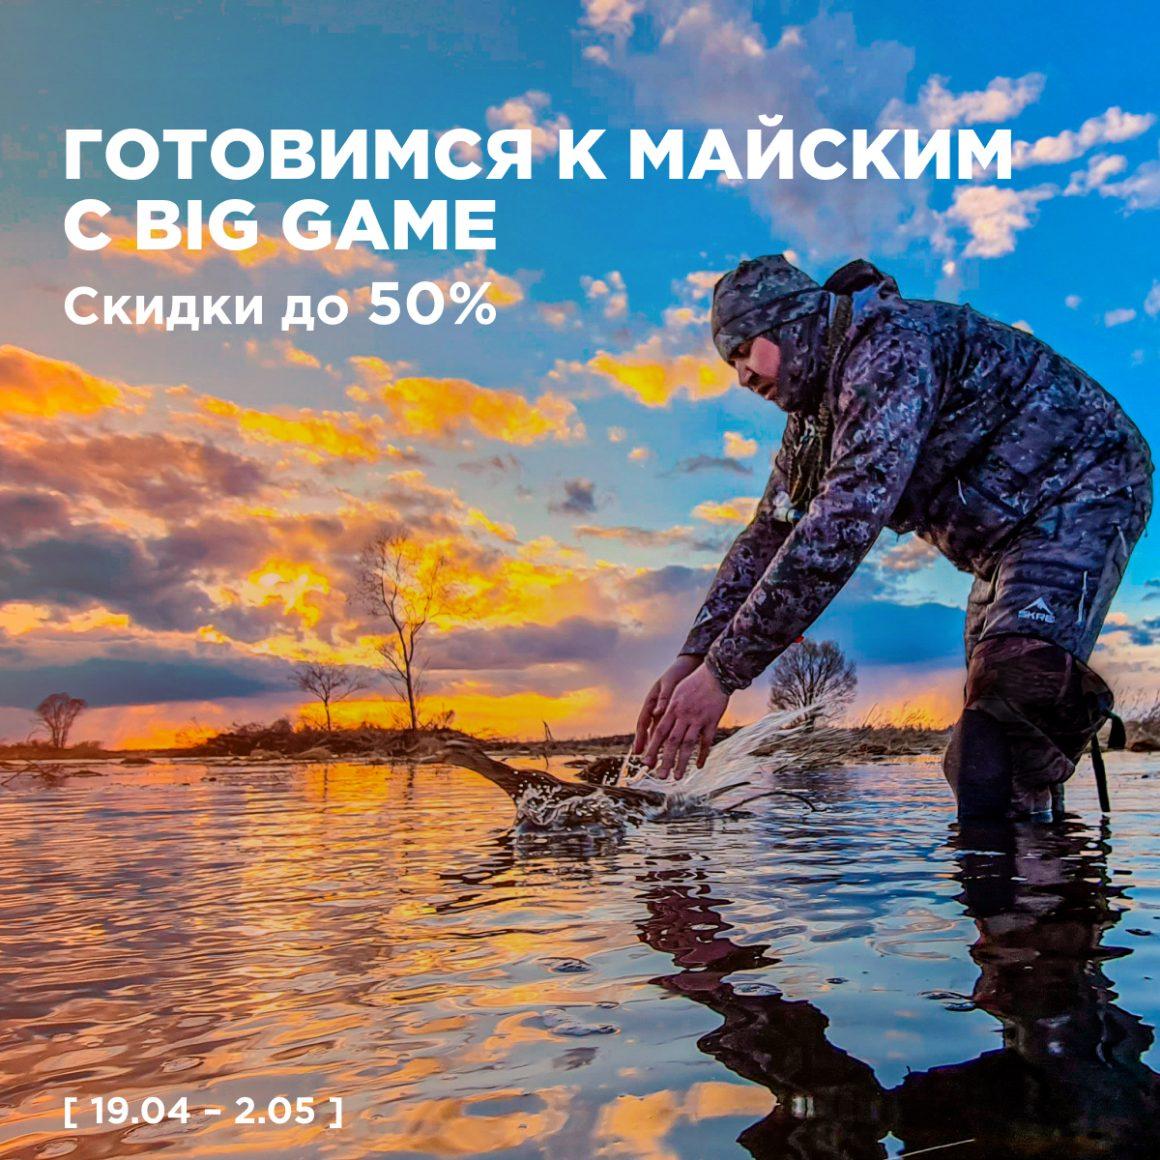 Готовимся к майским с Big Game!